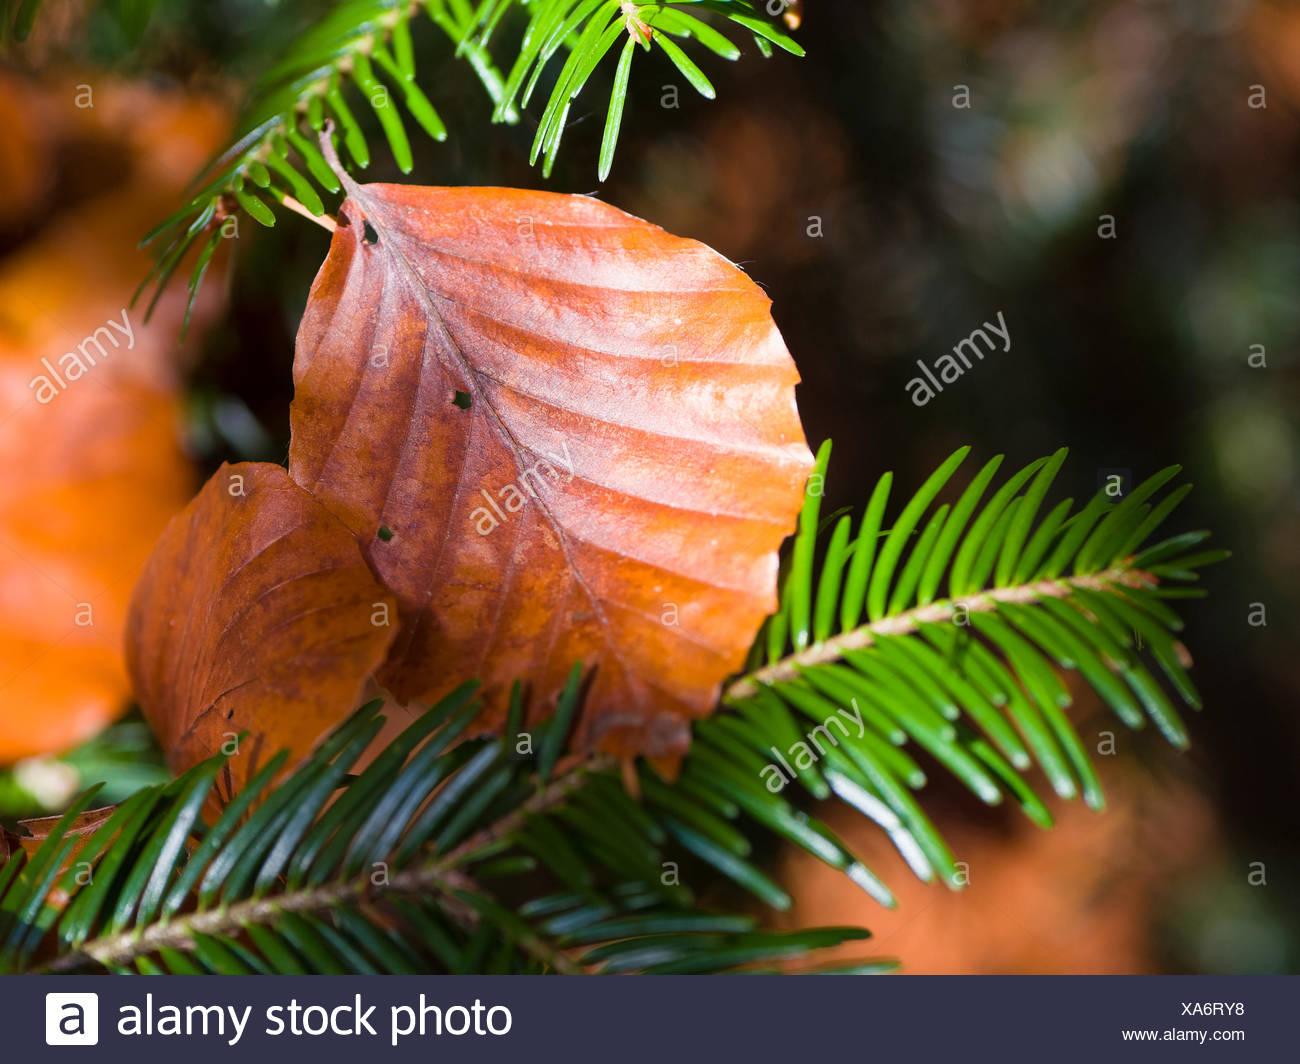 Beech sheet on fir branch - Stock Image